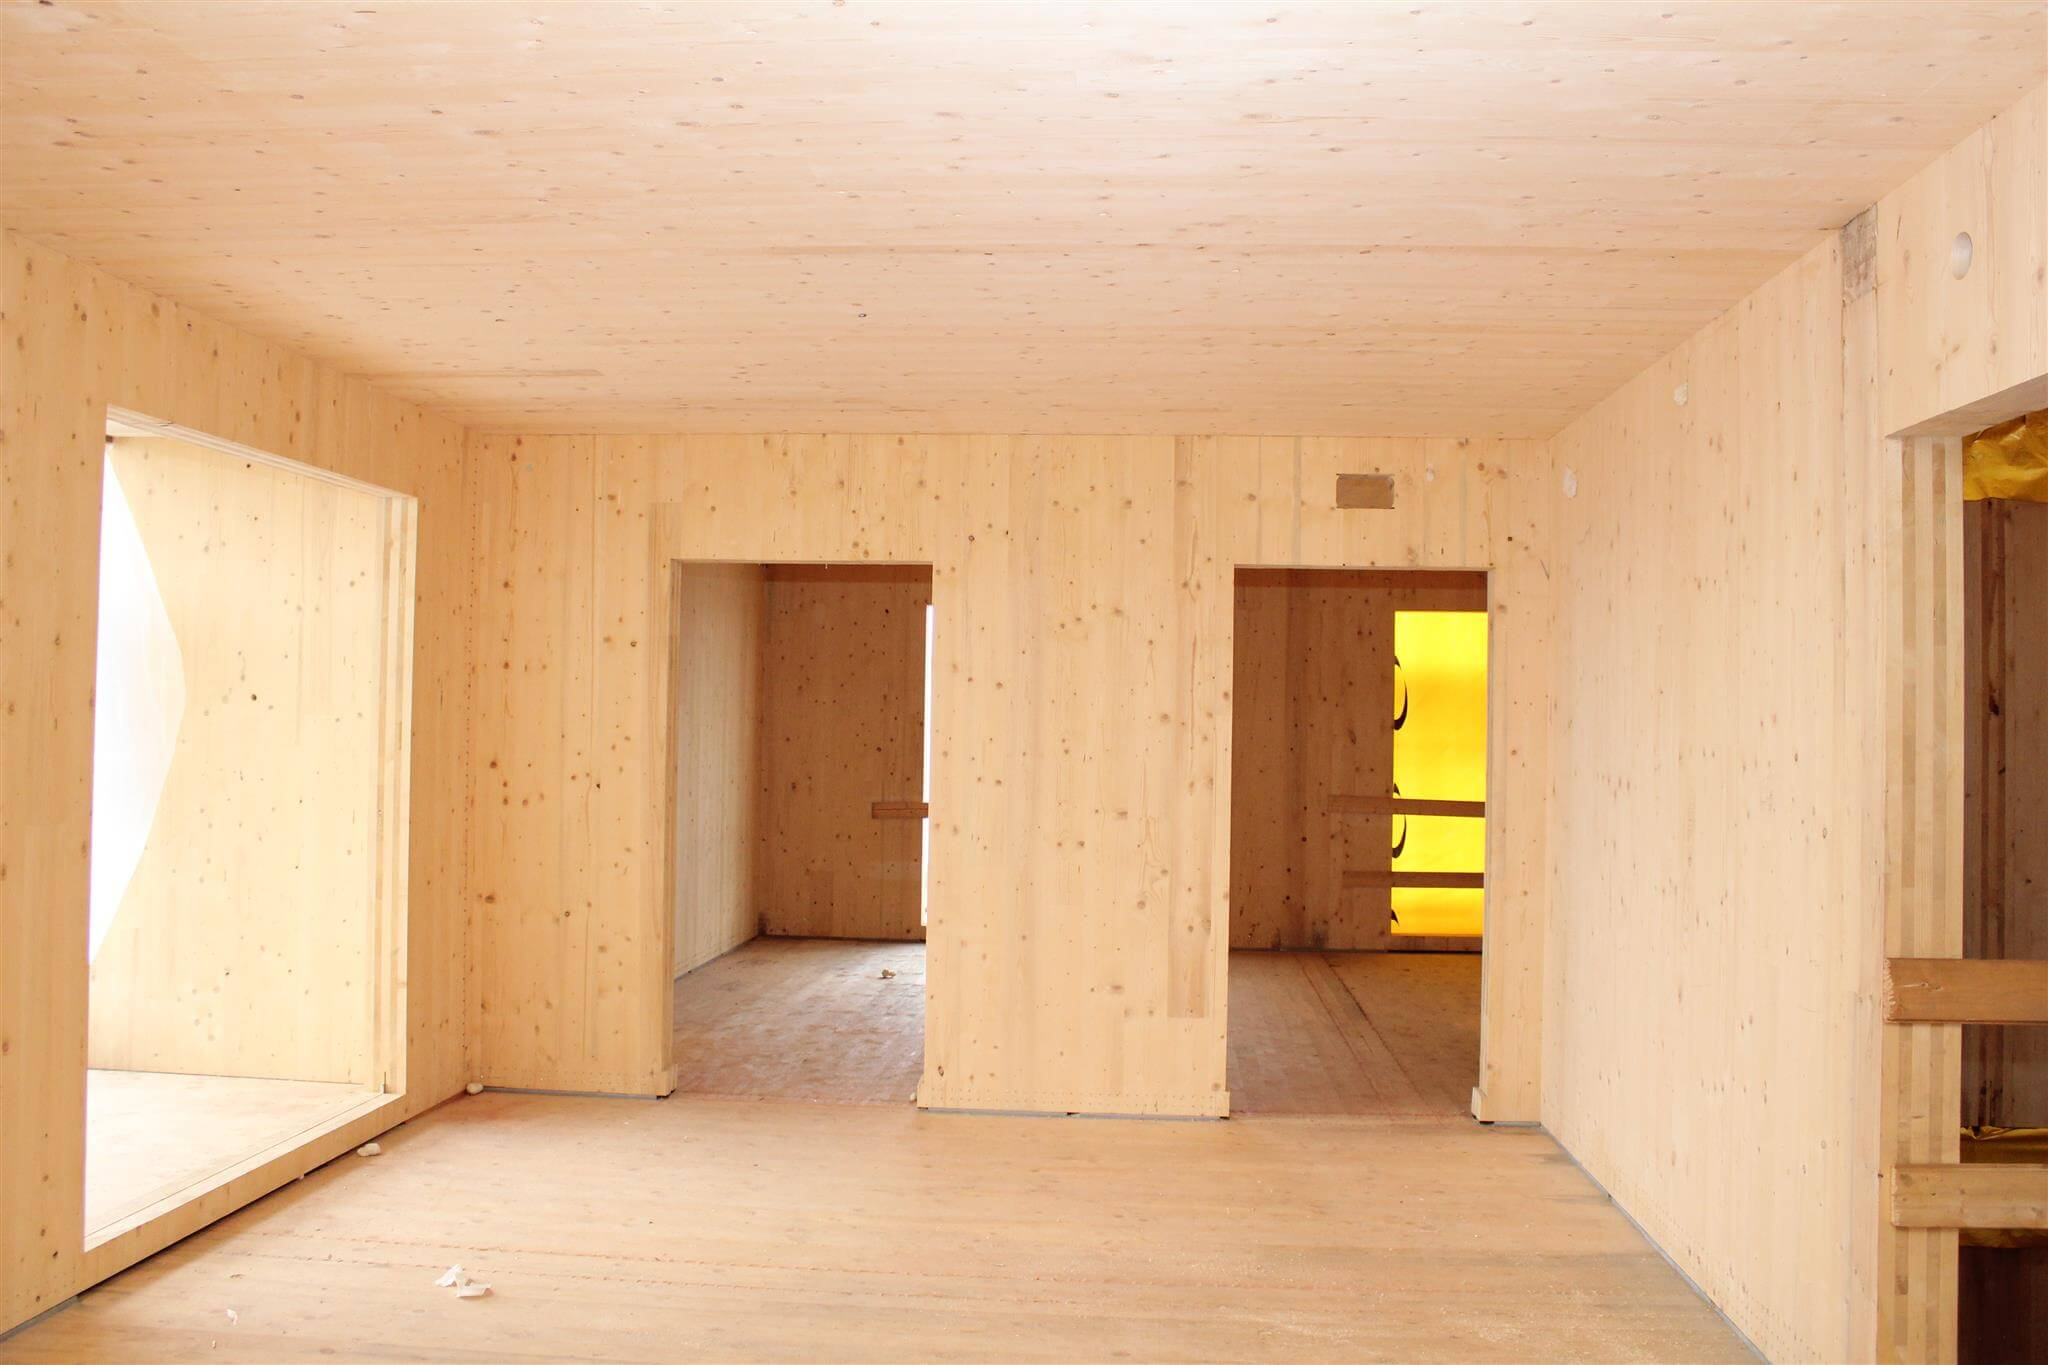 Sistema x lam casa in legno prefabbricata immobilgreen for Case in legno xlam